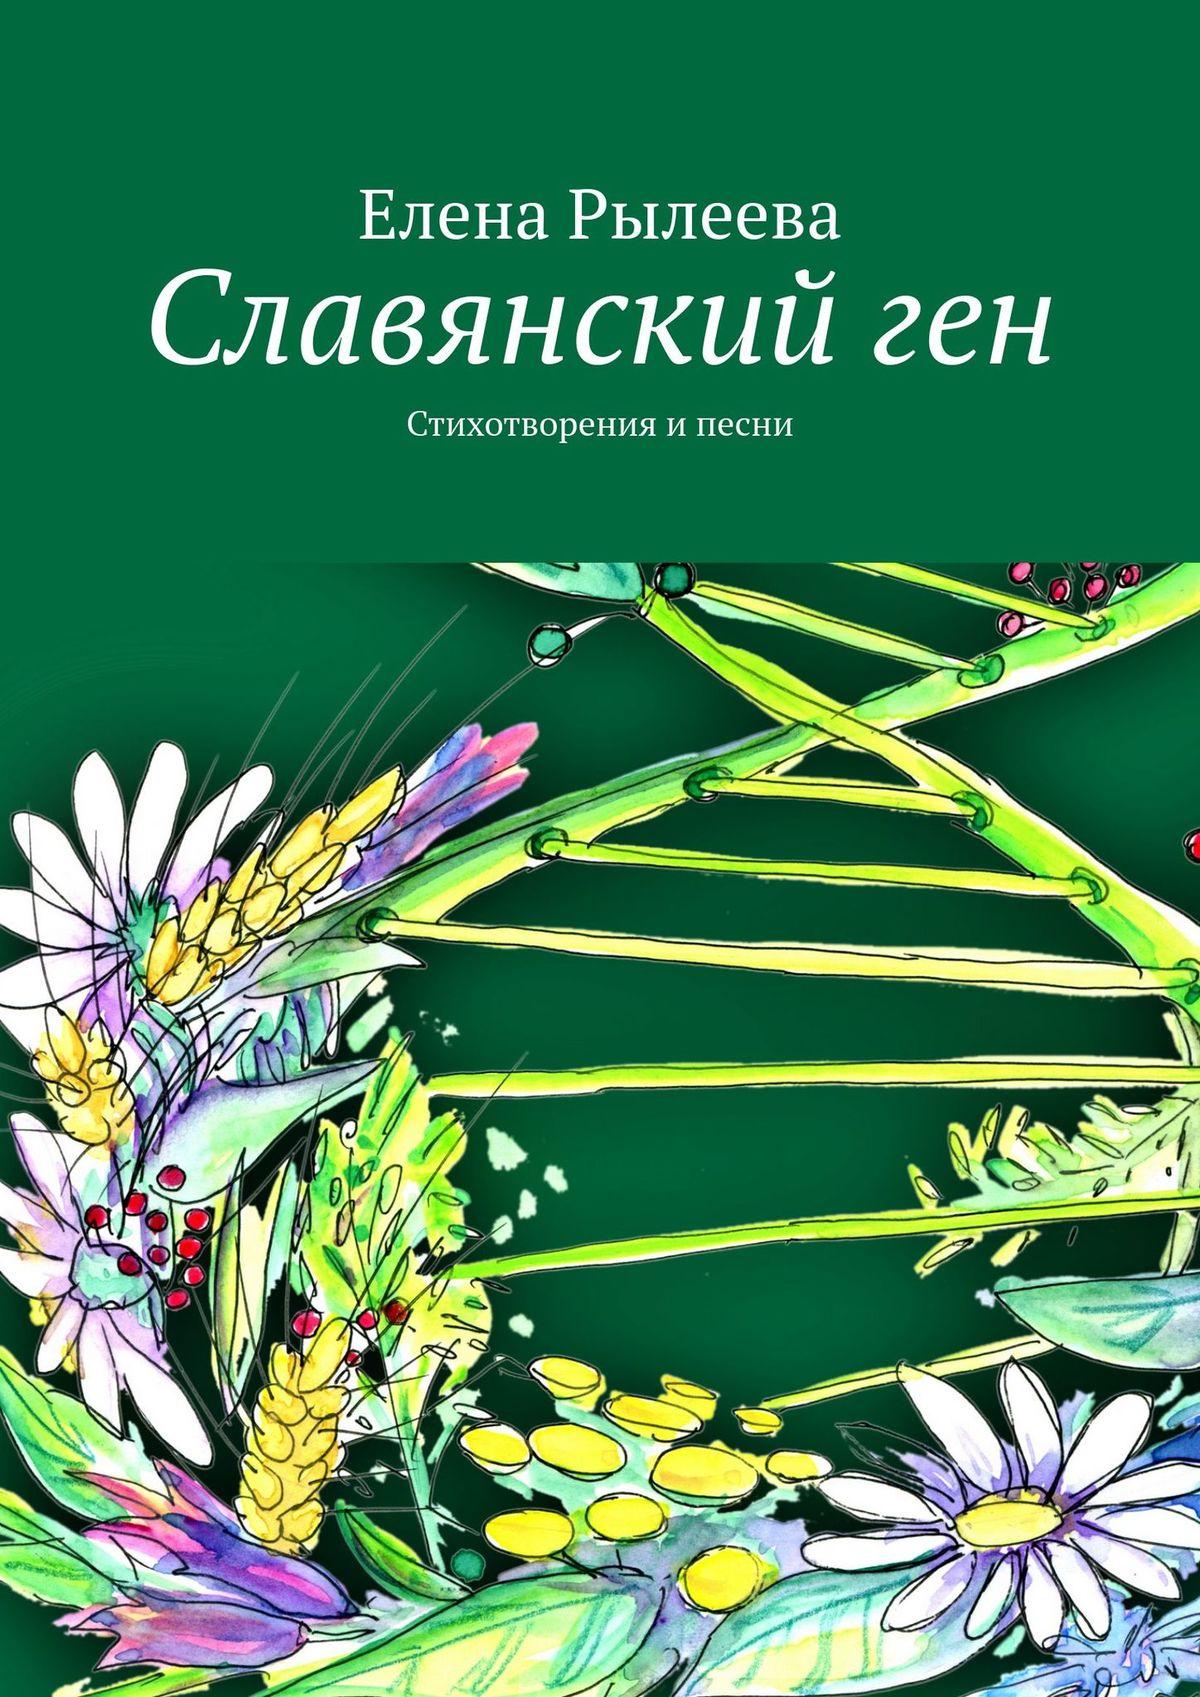 Елена Рылеева Славянскийген. Стихотворения ипесни цена